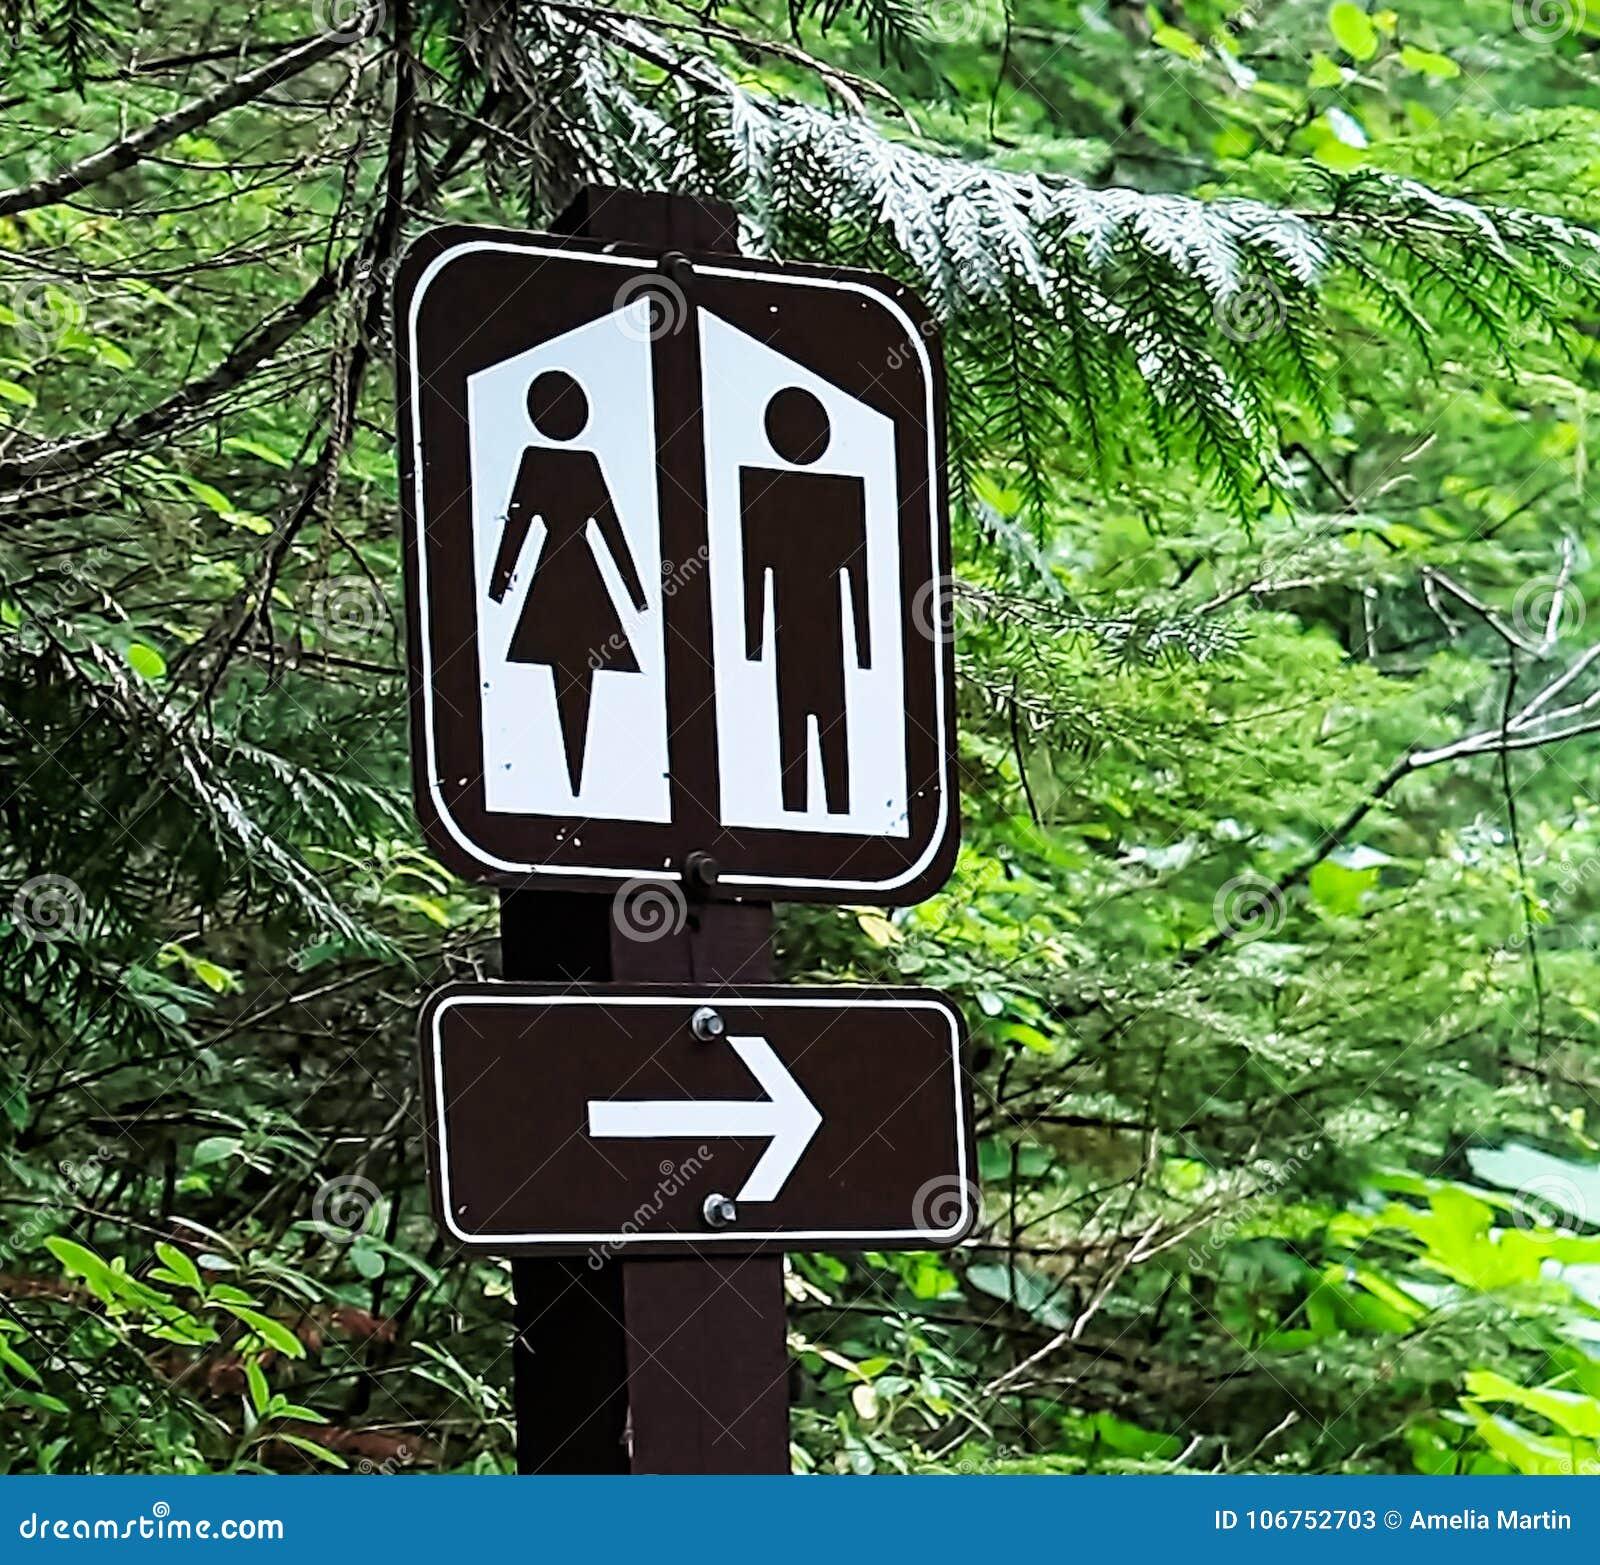 Bathroom sign with arrow Fancy Bathroom Sign With Direction Arrow Clusterbankco Bathroom Sign With Direction Arrow Stock Image Image Of Blaze